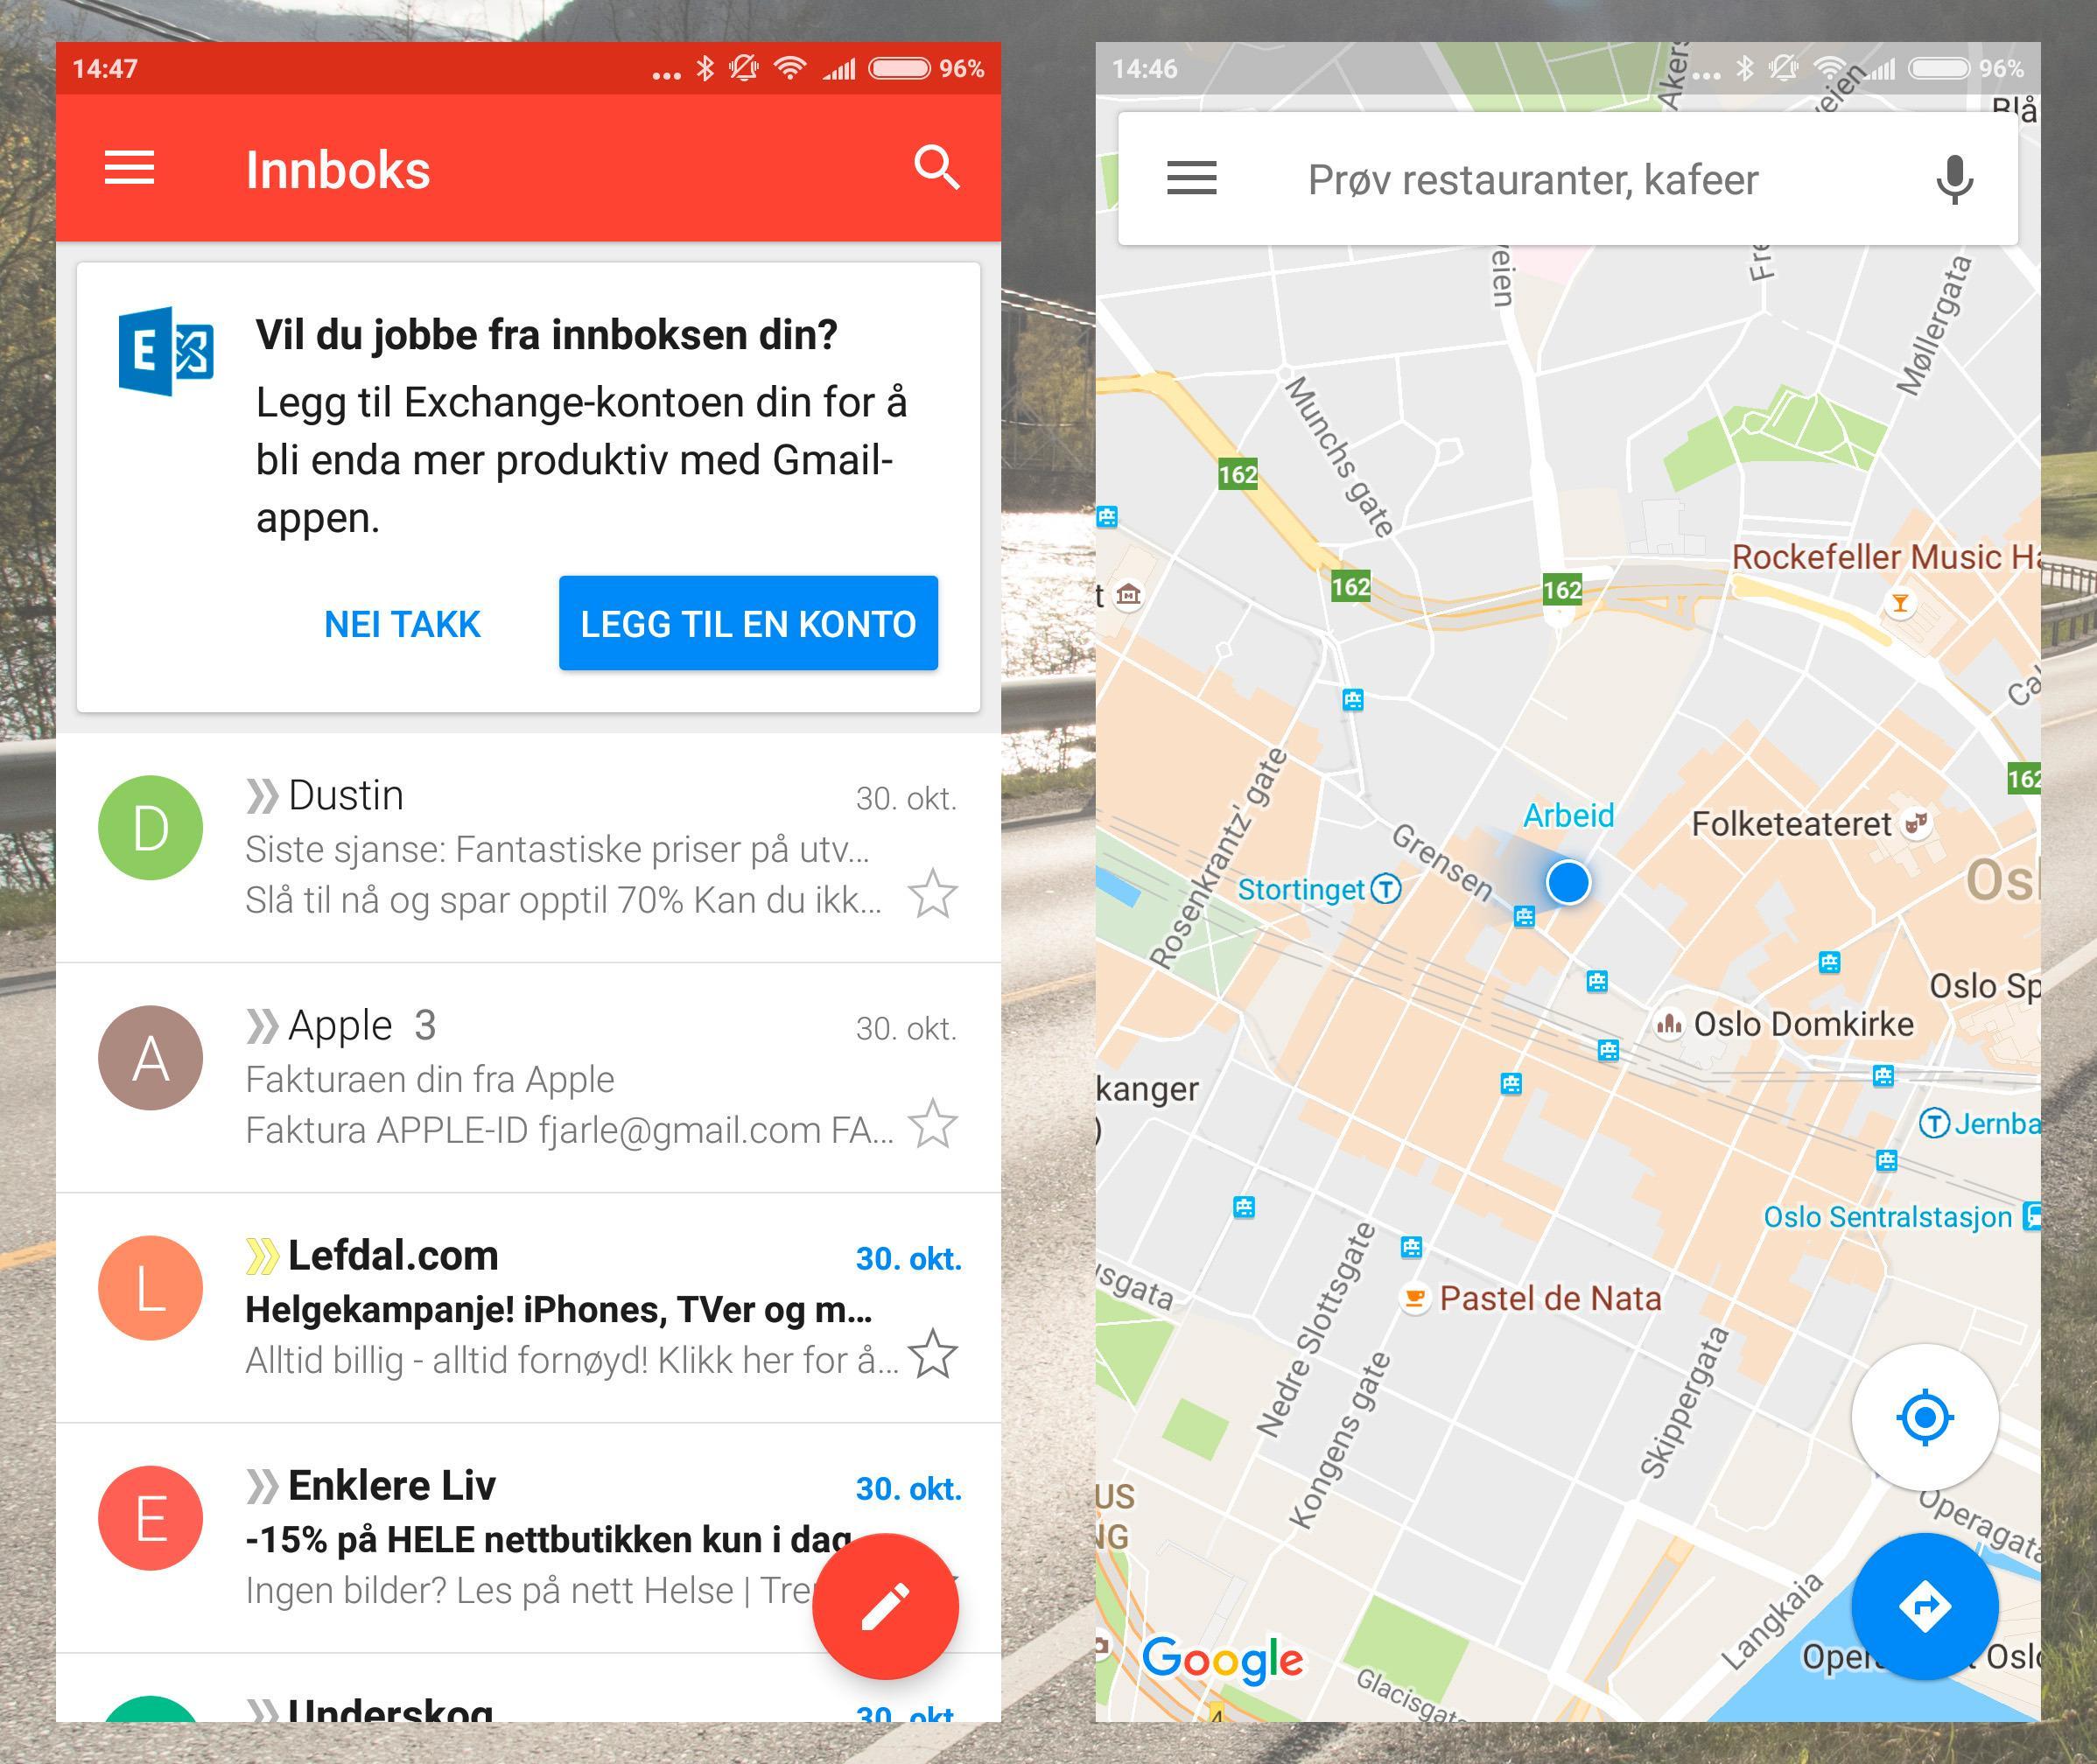 Google Play ligger her fra før, men resten av Google-appene må du hente ned selv, hvis du trenger dem.